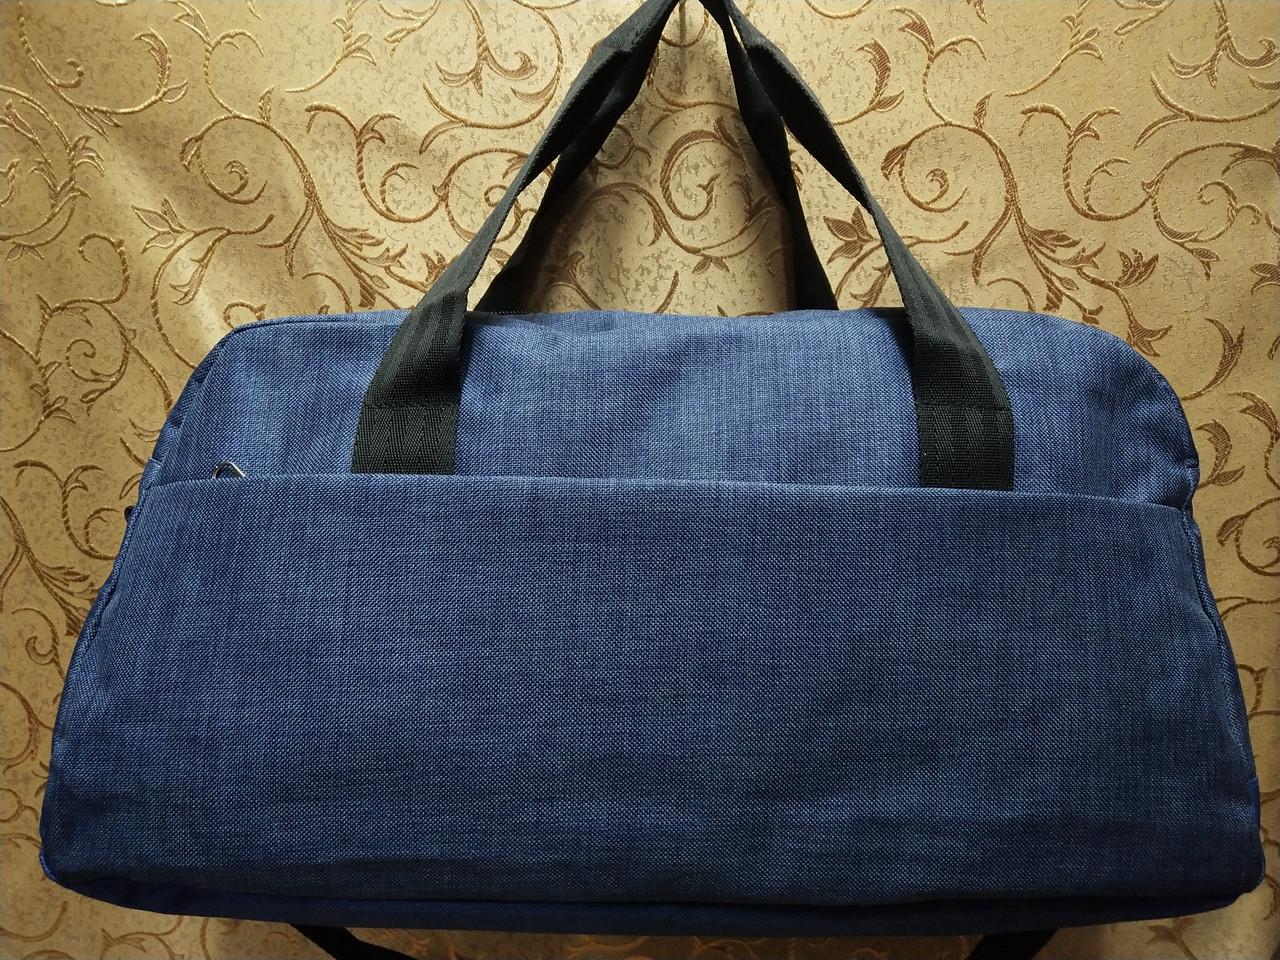 (23*44-маленький)Сумка nike спортивная Унисекс сумка для через плечо Отдых мессенджер cумка только ОПТ)